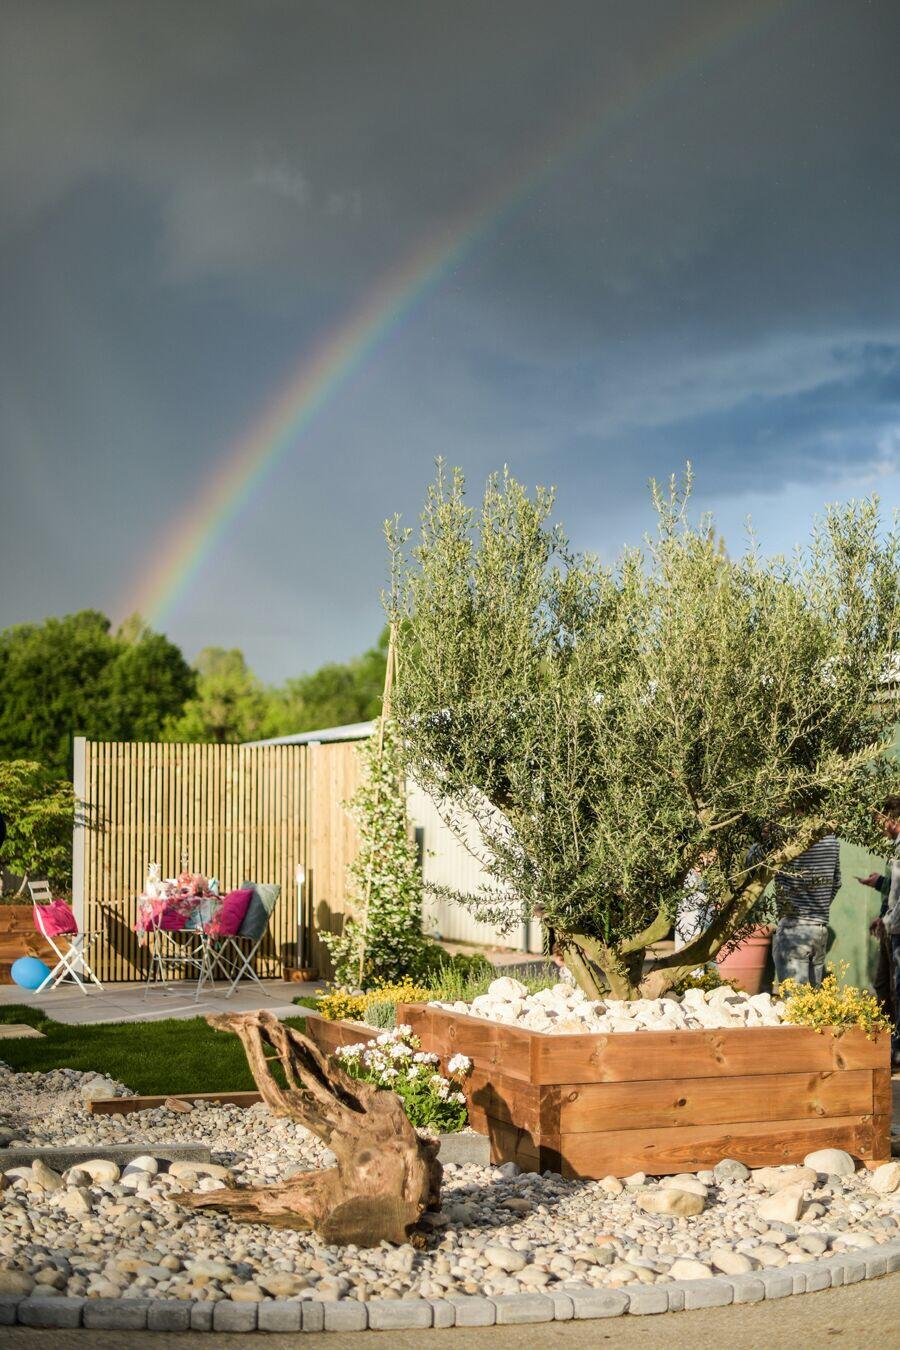 Arc en ciel journee decouverte jardiners paysagistes